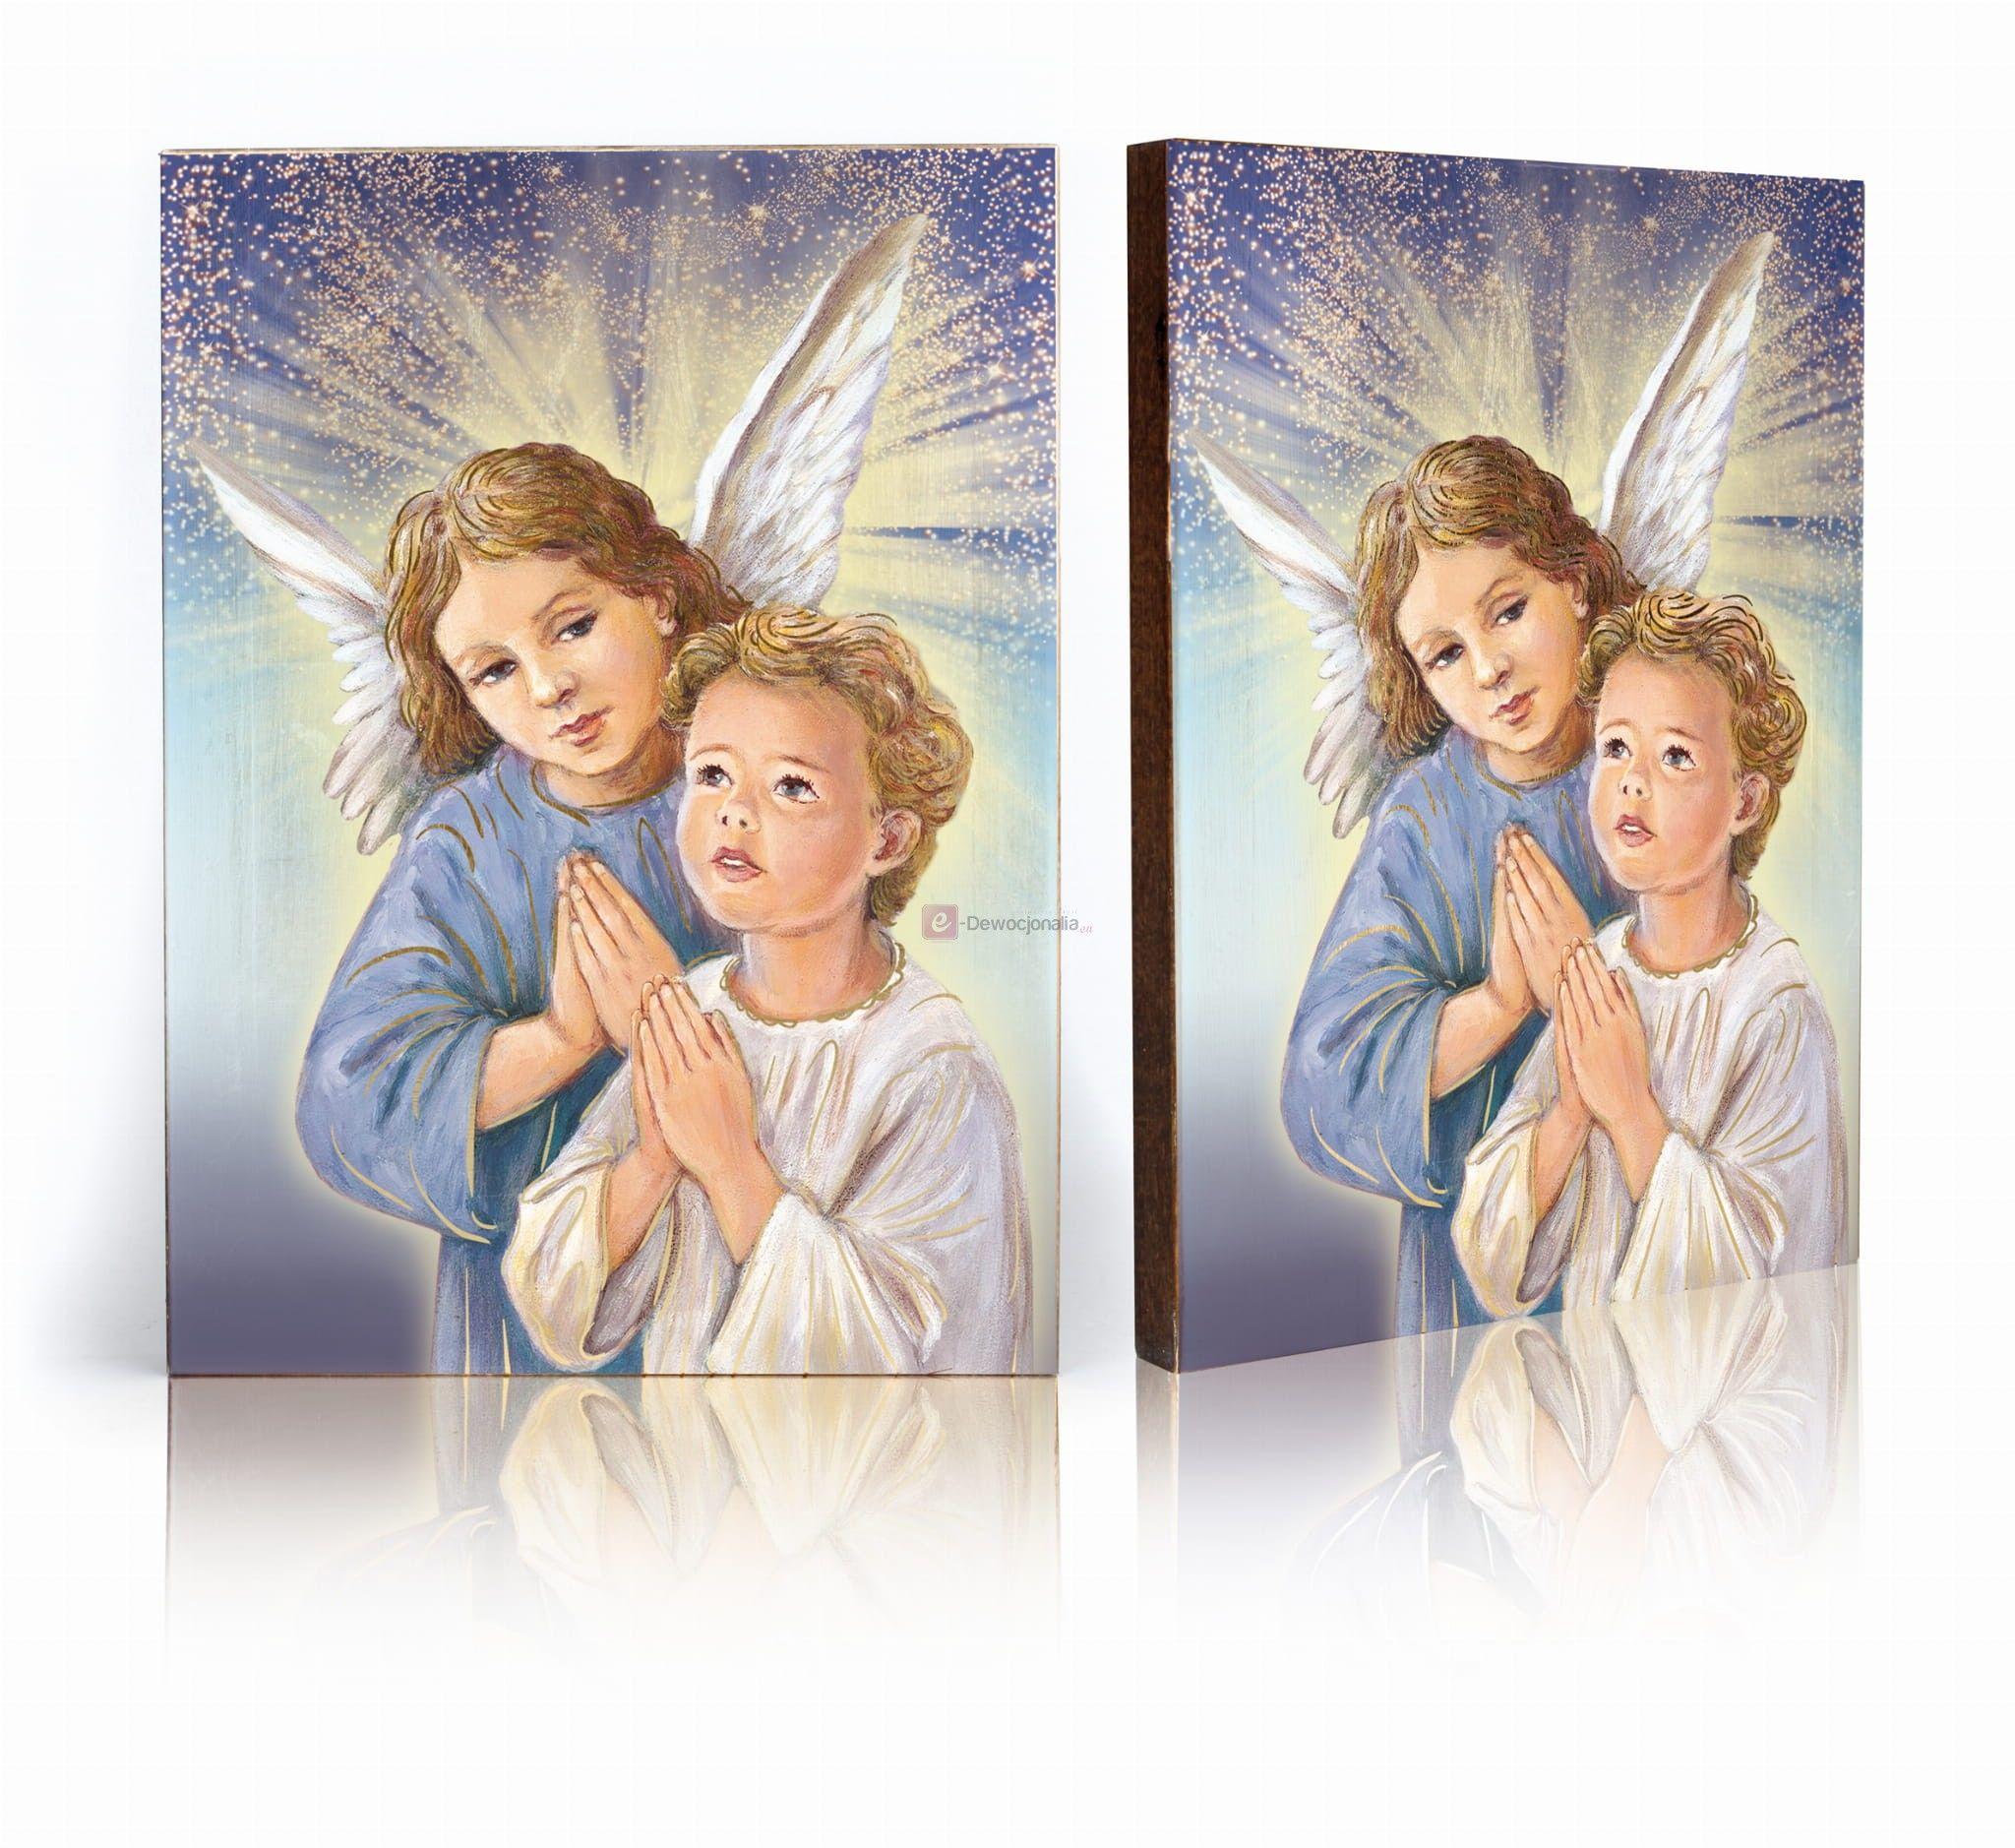 Ikona ręcznie wykonana - Anioł Stróż, biało - niebieski - 17x23cm